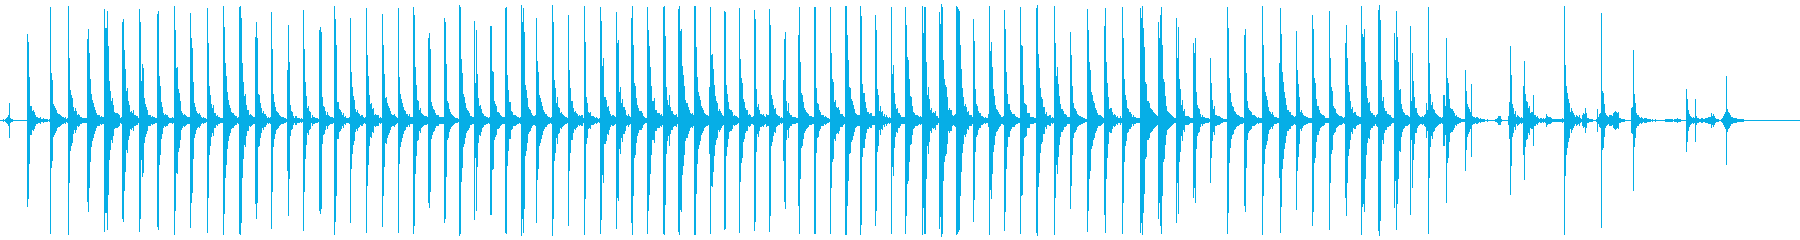 金属床、フォリーで実行の再生済みの波形